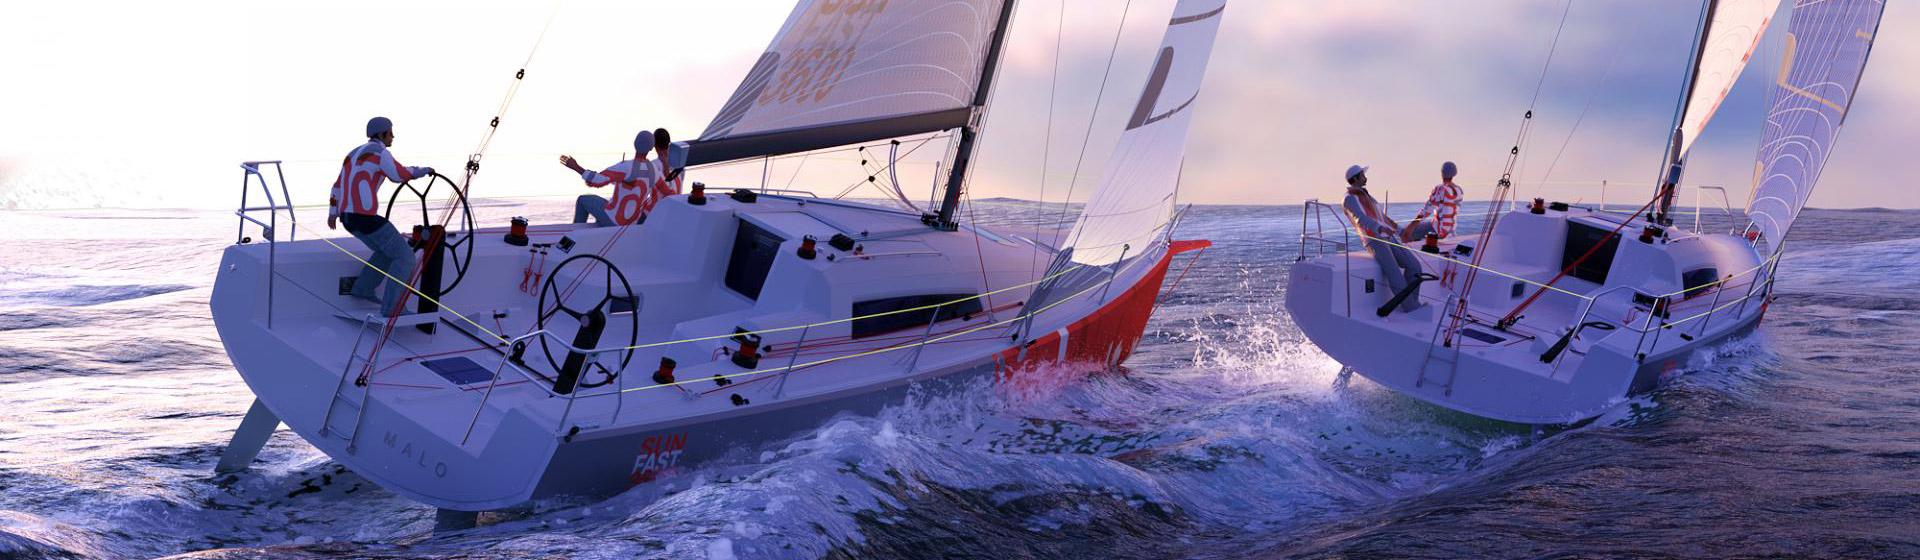 Voilier Jeanneau Sun Fast 3600, voilier de course-croisière à Marseille, Yacht Méditerranée.